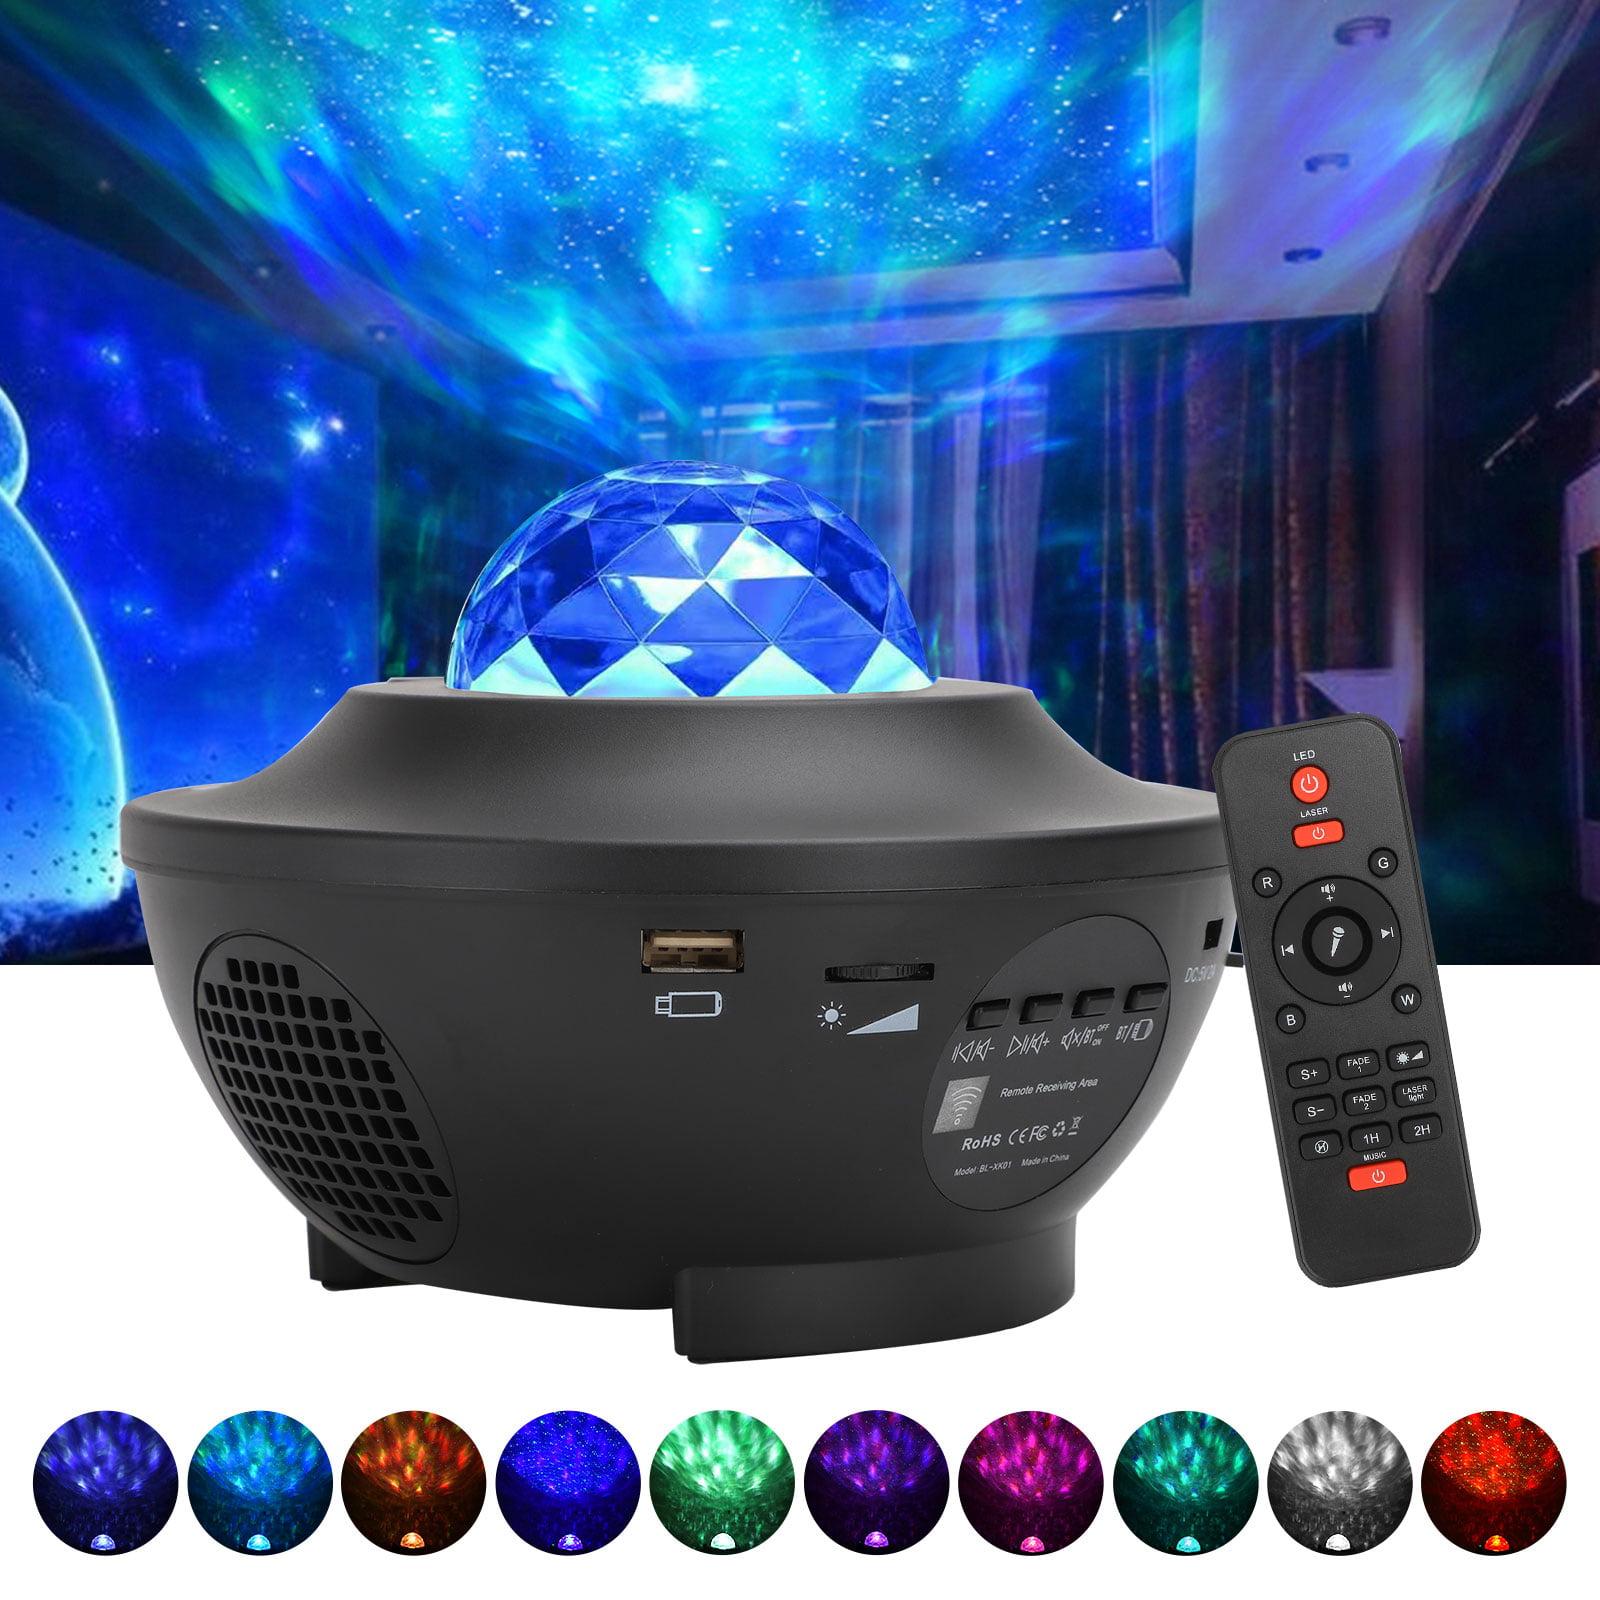 Night Light Projector Bedroom Sky Projector Night Light Kids Night Light Lamps